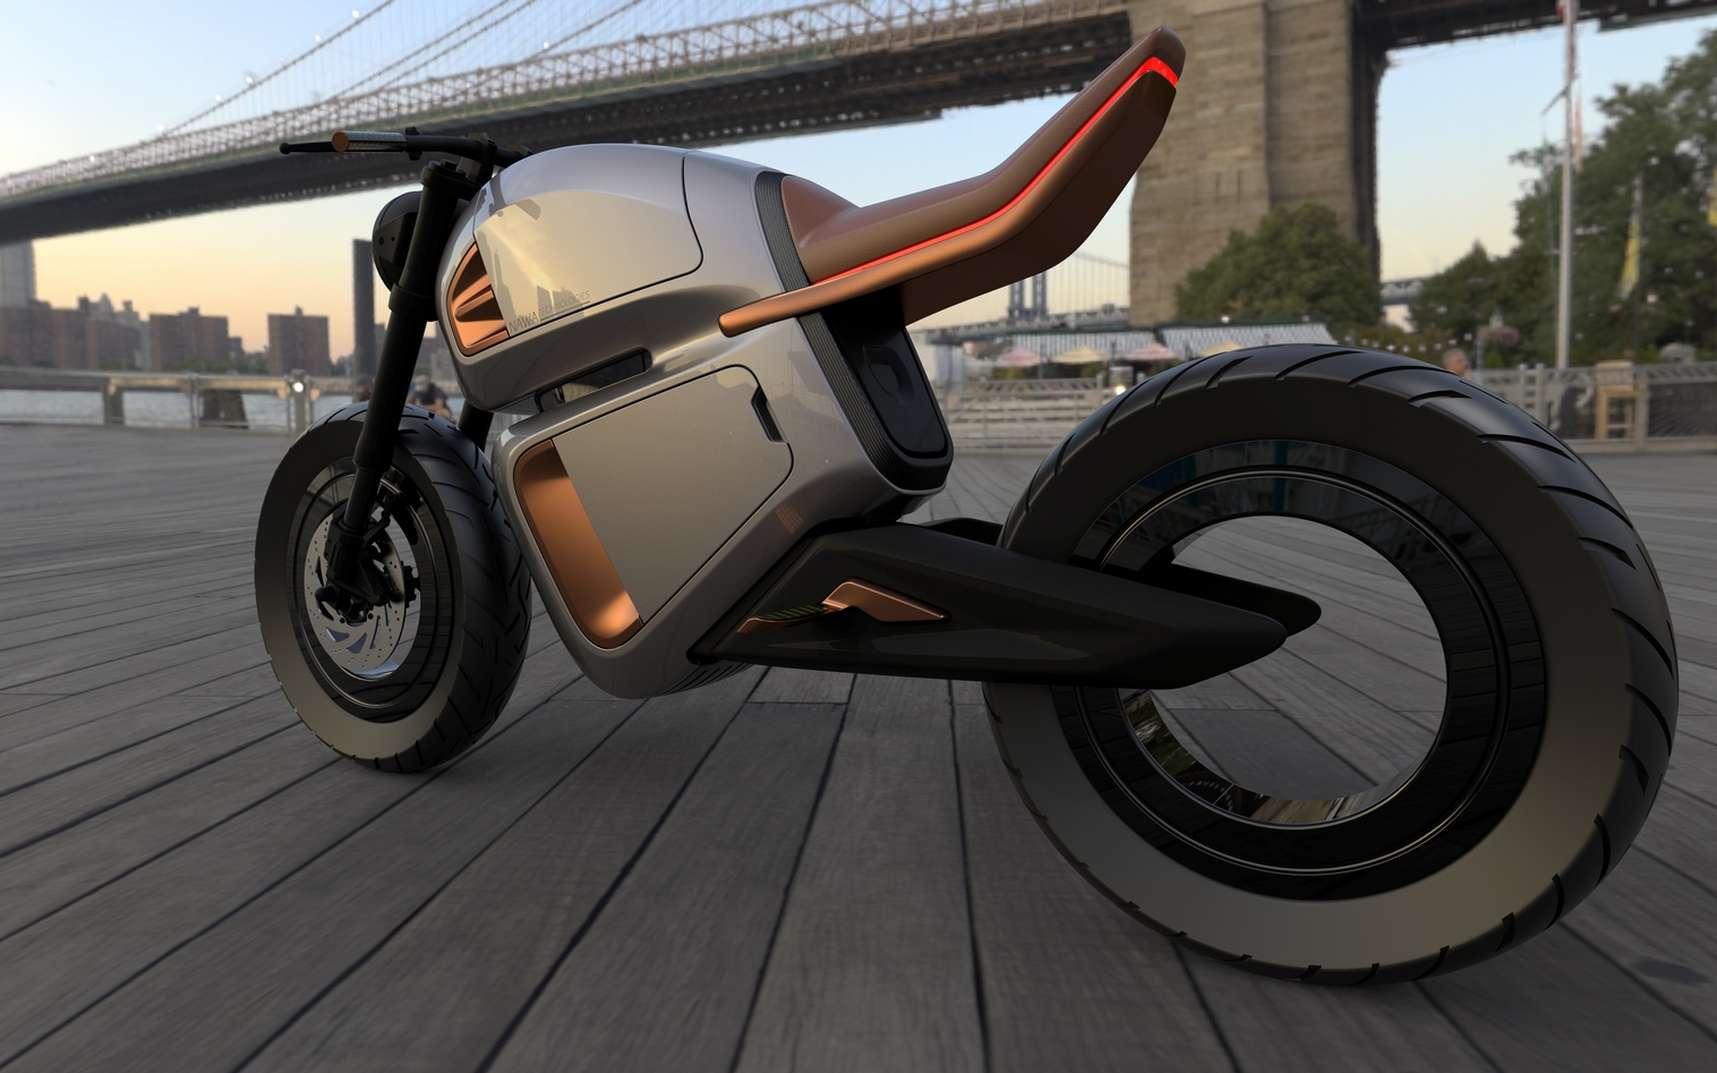 Le design de la Nawa Racer est inspiré des motos café racer. © Nawa Technologies